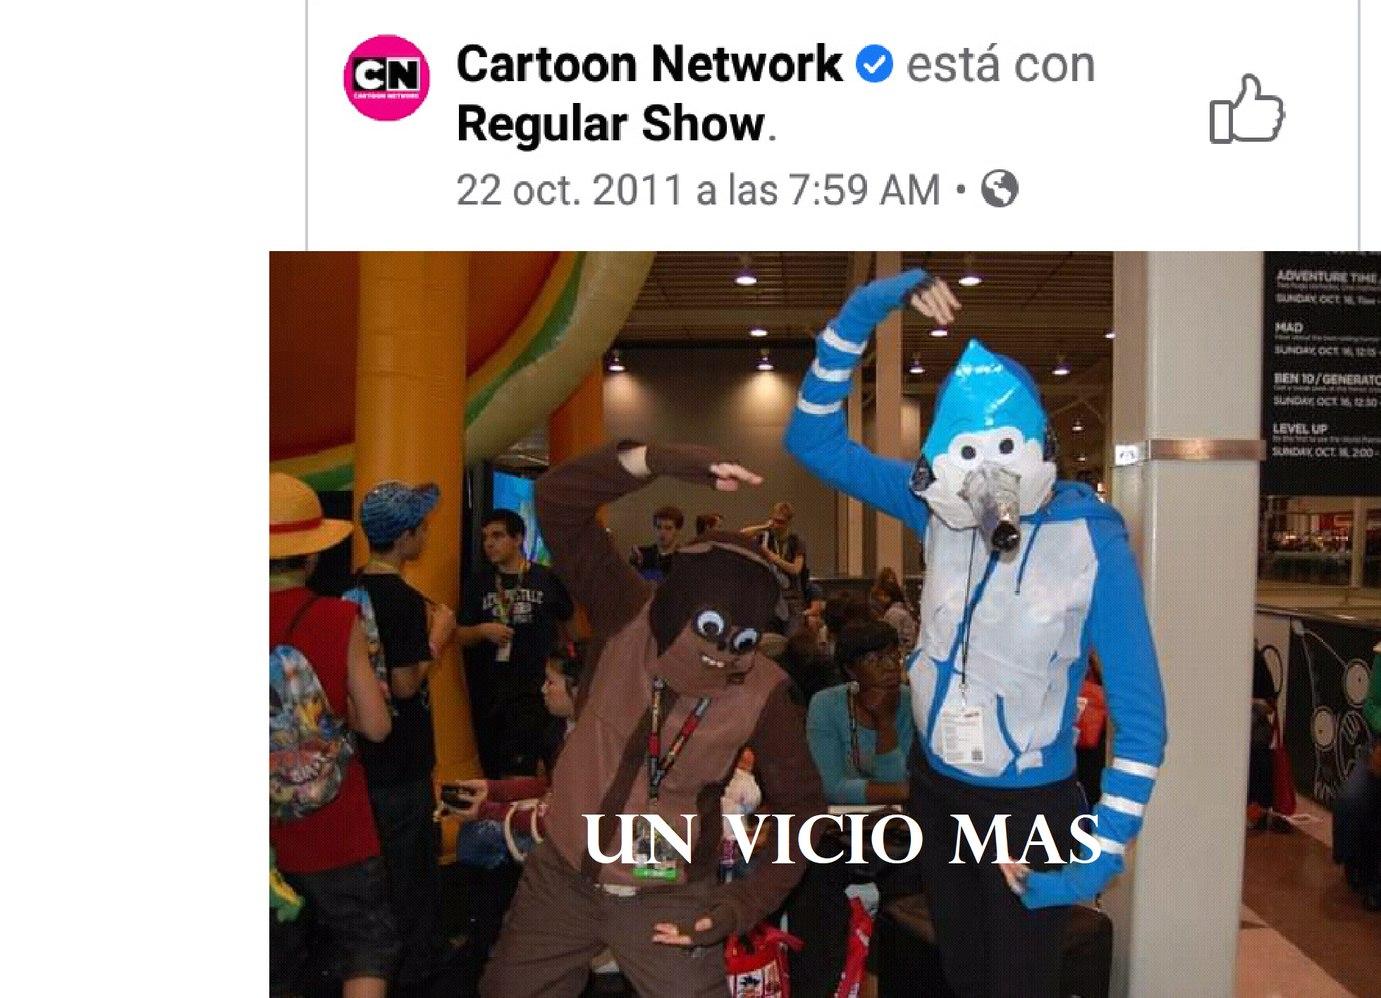 UN VICIO MAS - meme